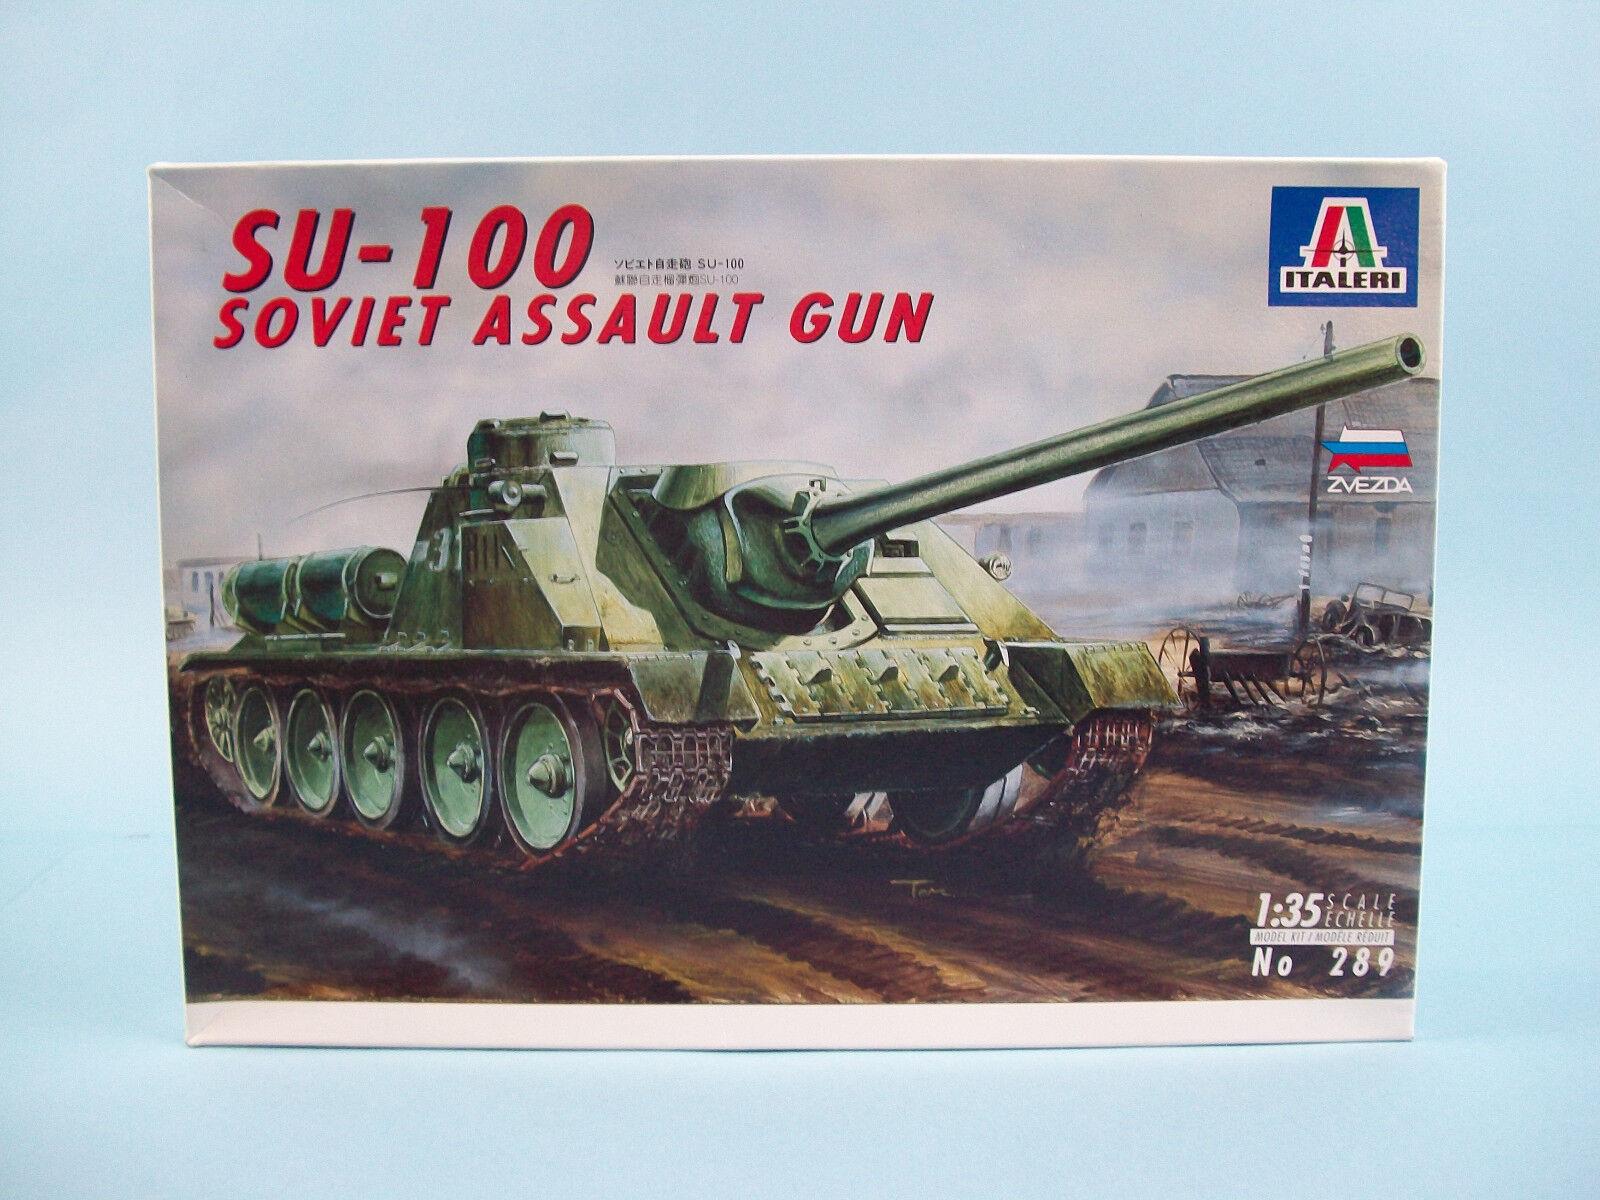 Soviet Assault Gun SU-100 Italeri Model Kit Vintage